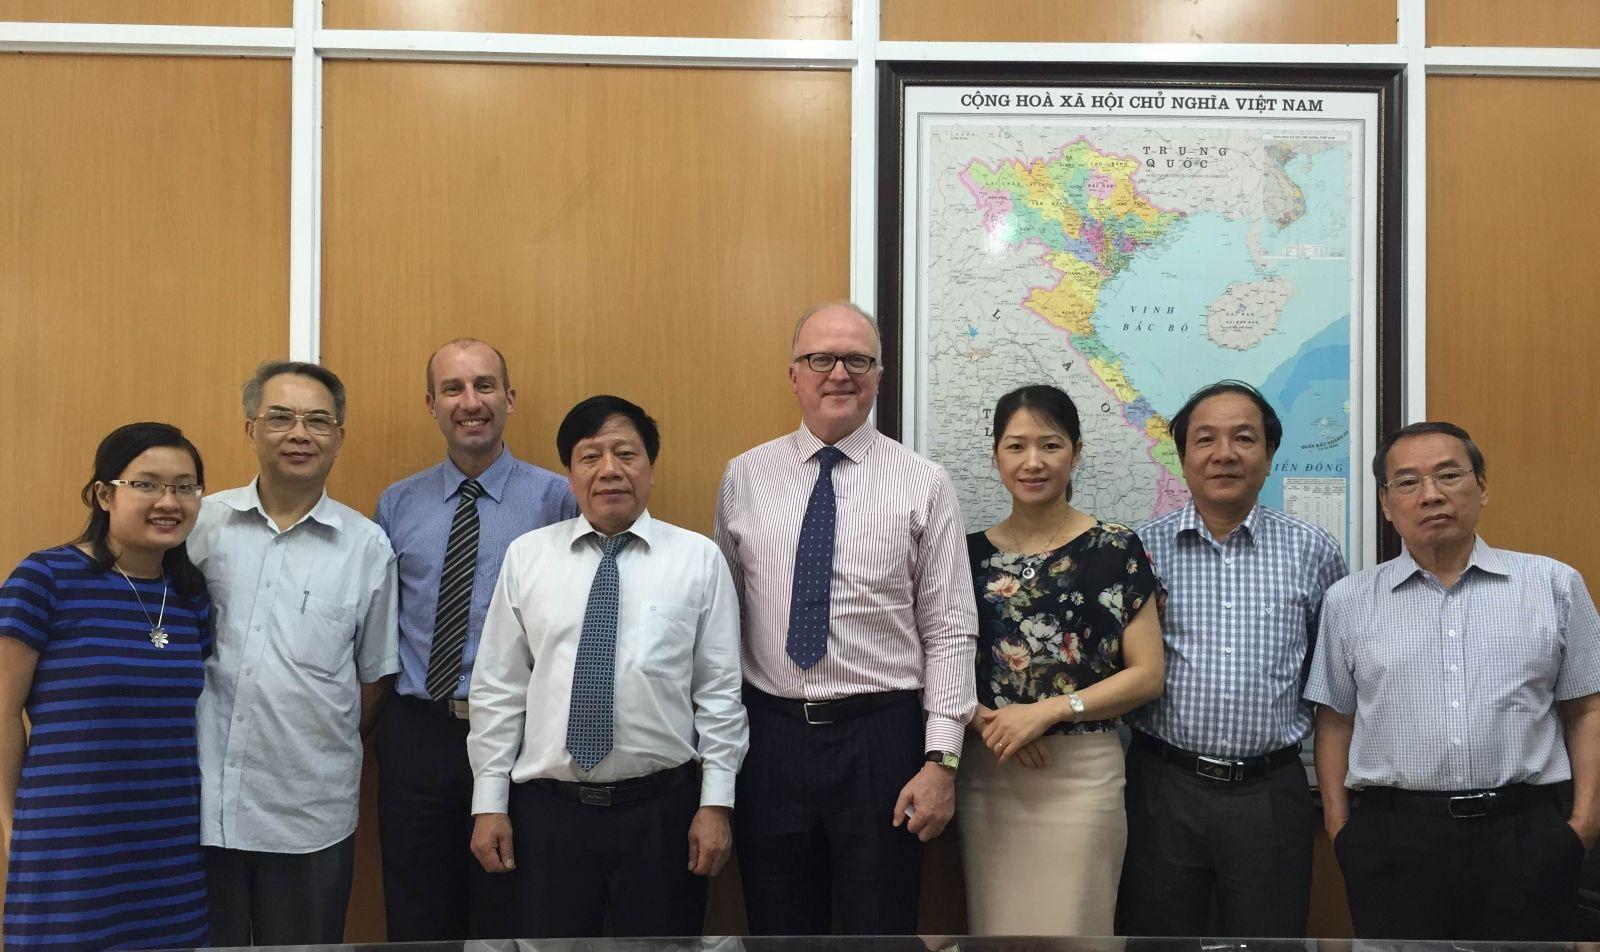 Lễ ký kết biên bản ghi nhớ hợp tác giữa hai hội nước Australia và Việt Nam (16.1.2015)